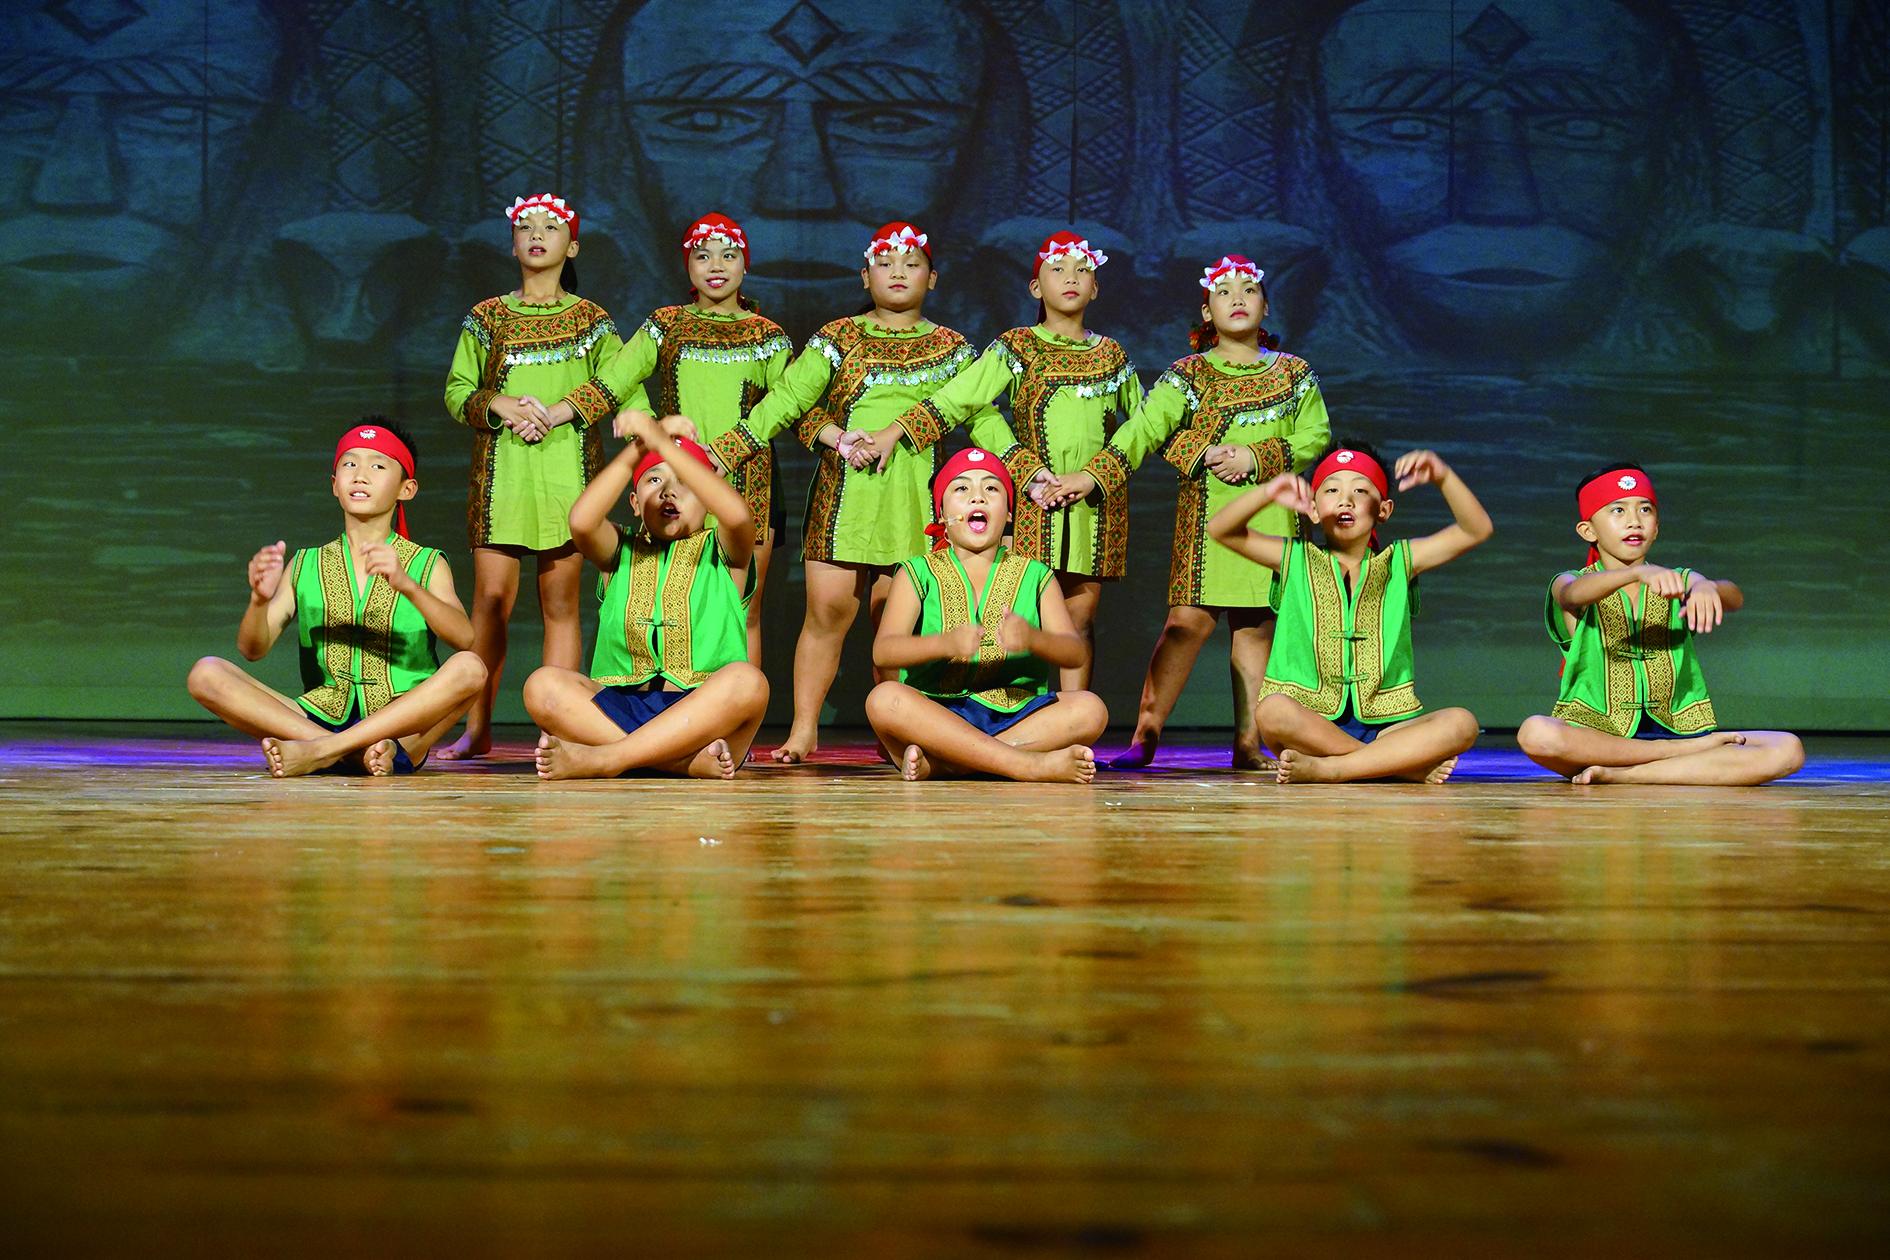 臺灣原住民族樂舞要回到初始之單一的族群文化傳承的樂舞目的,實需透過樂舞文化教育的實施將其導正與修復,林天善攝影。.JPG